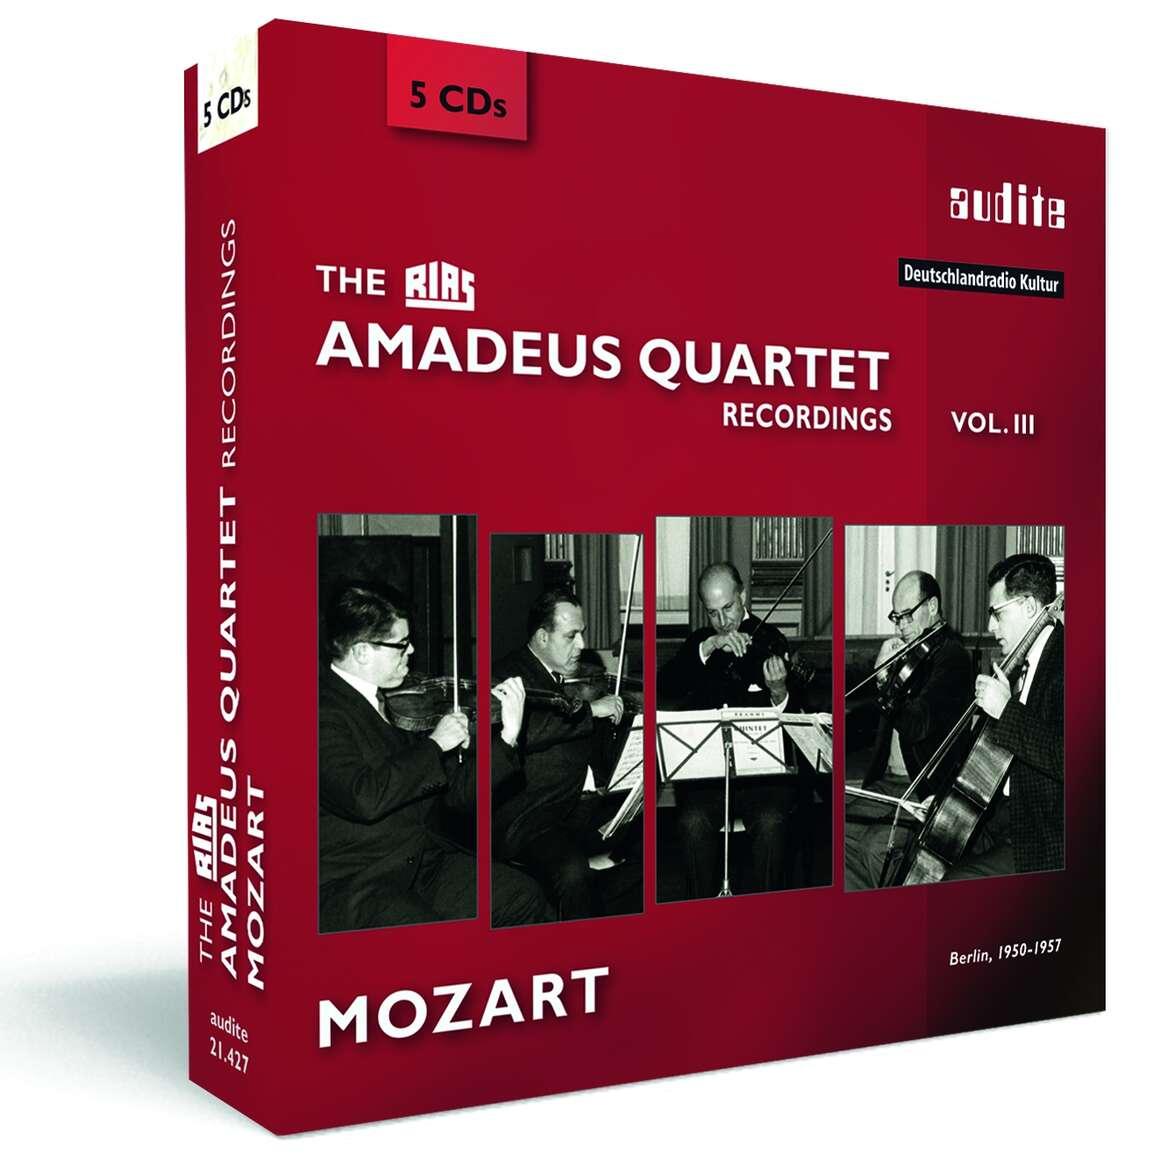 The RIAS Amadeus Quartet Mozart Recordings